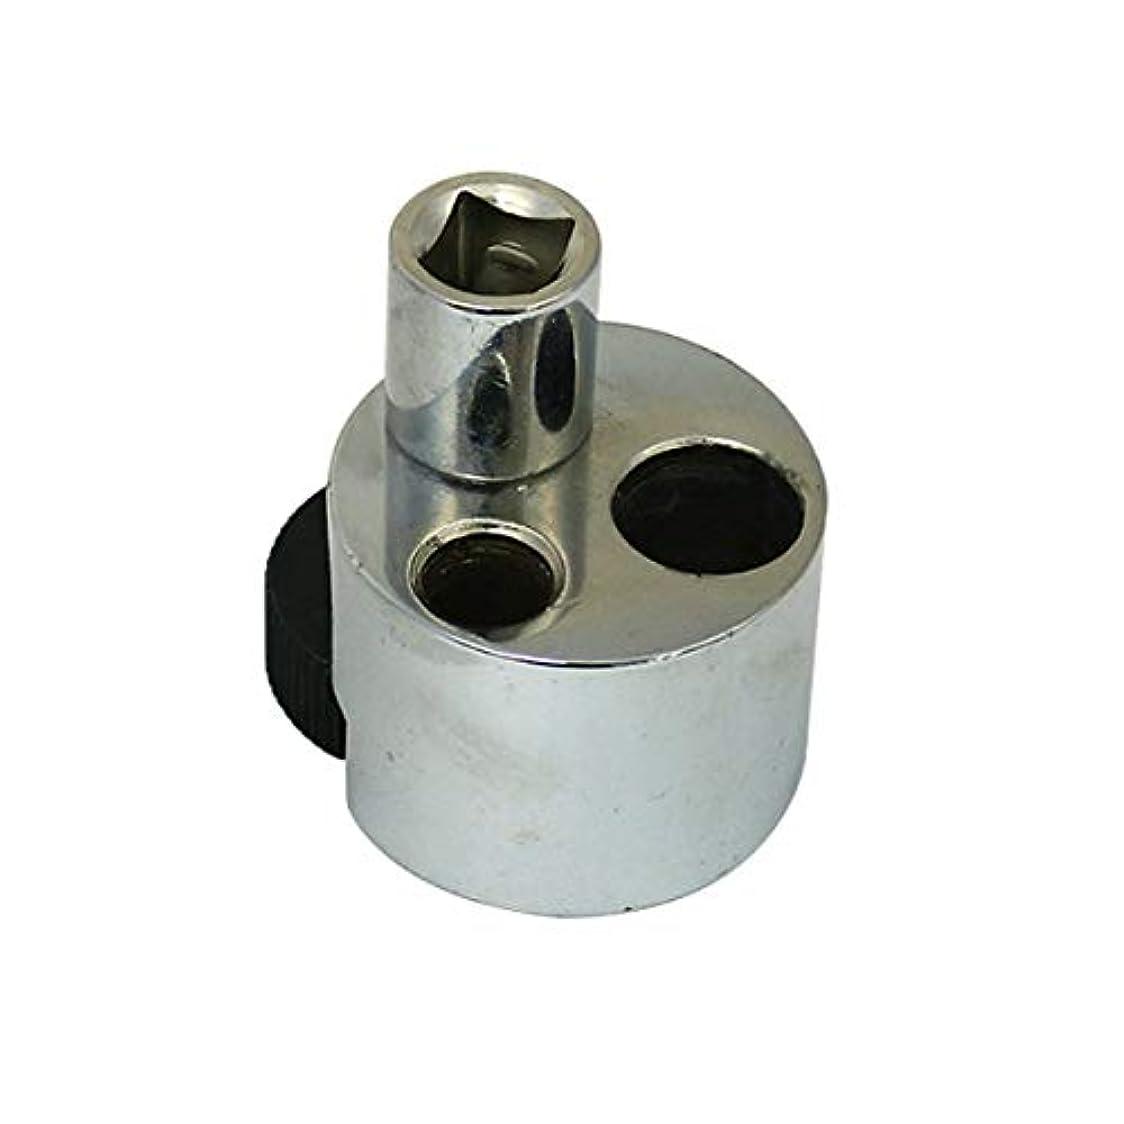 サイト評価可能ヘビスタッドボルトリムーバー ボルトプーラー ボルトエキストラクター ボルトを抜く特殊工具